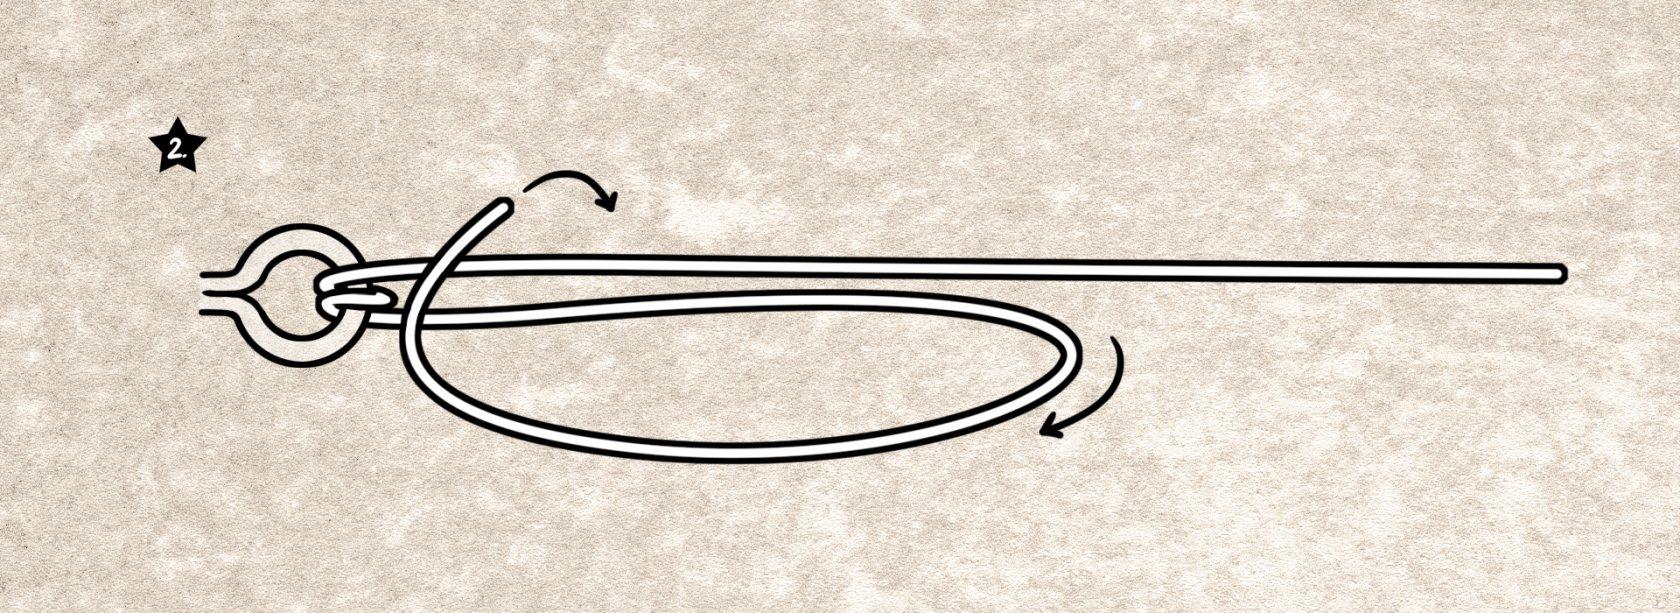 Grinner-Knoten für geflochtene Schnüre